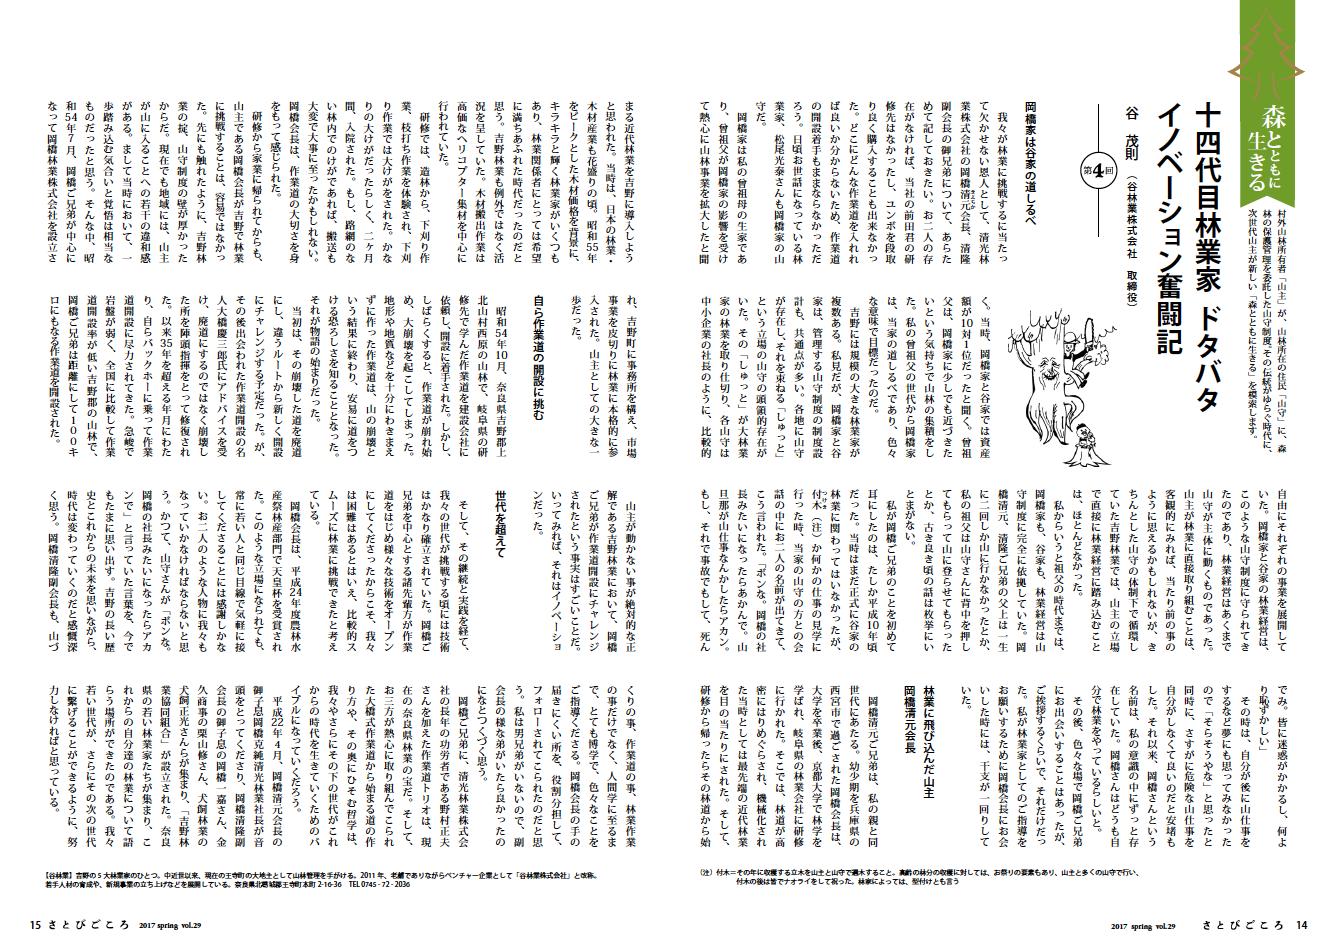 《森とともに生きる》十四代目林業家 ドタバタイノベーション奮闘記04